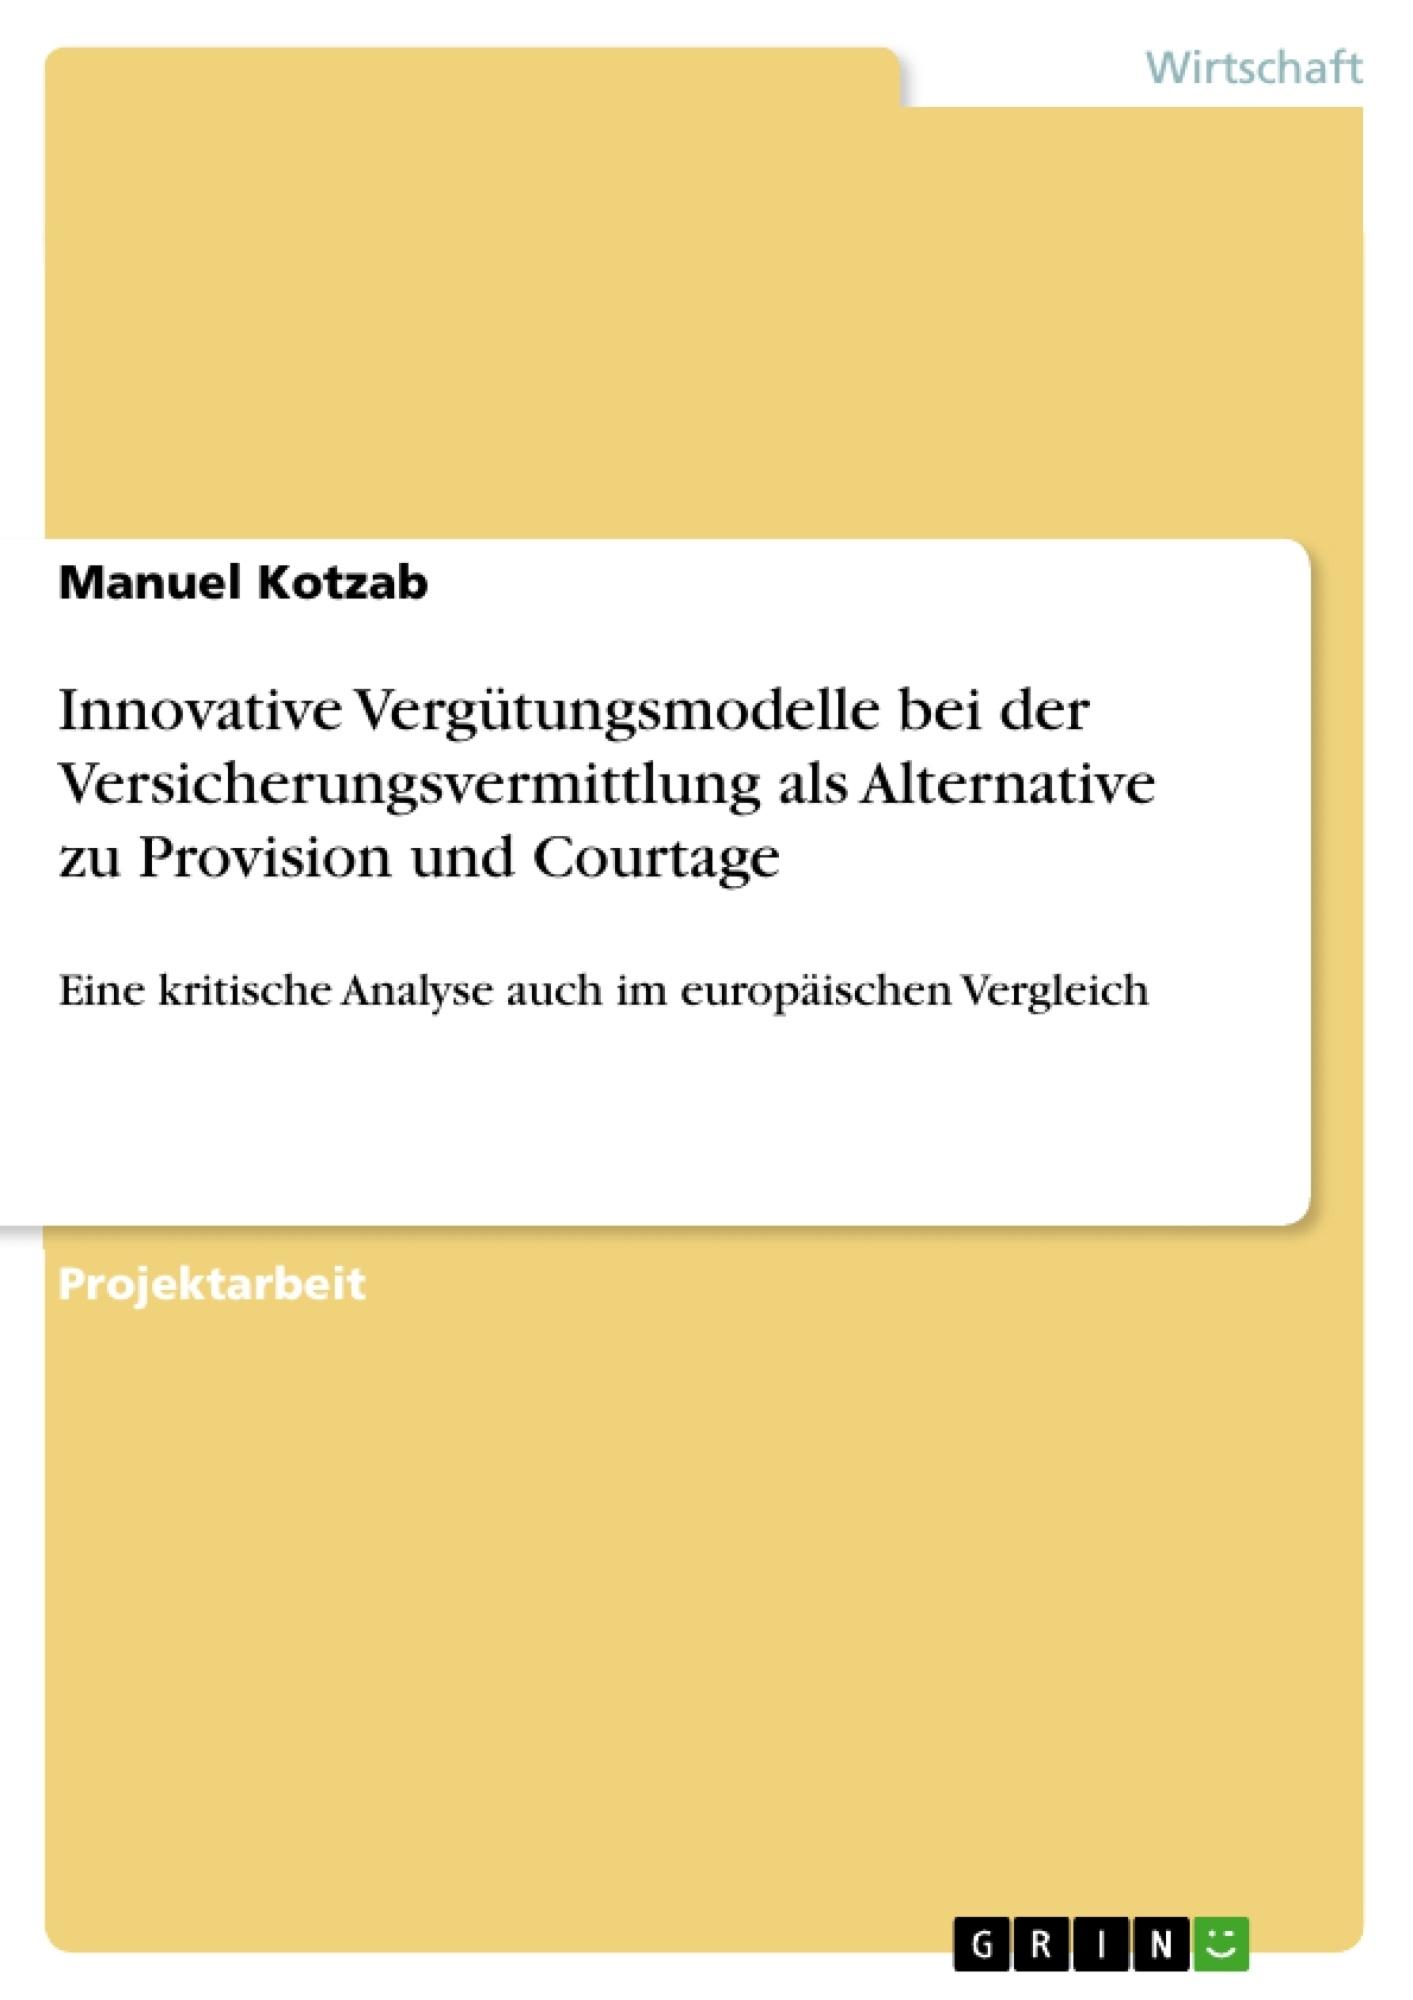 Titel: Innovative Vergütungsmodelle bei der Versicherungsvermittlung als Alternative zu Provision und Courtage